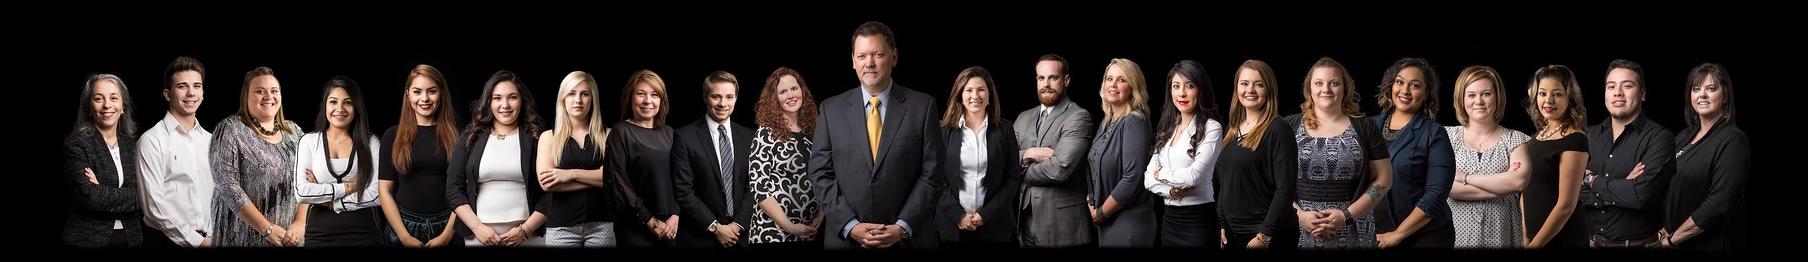 Dean Boyd Company Photo